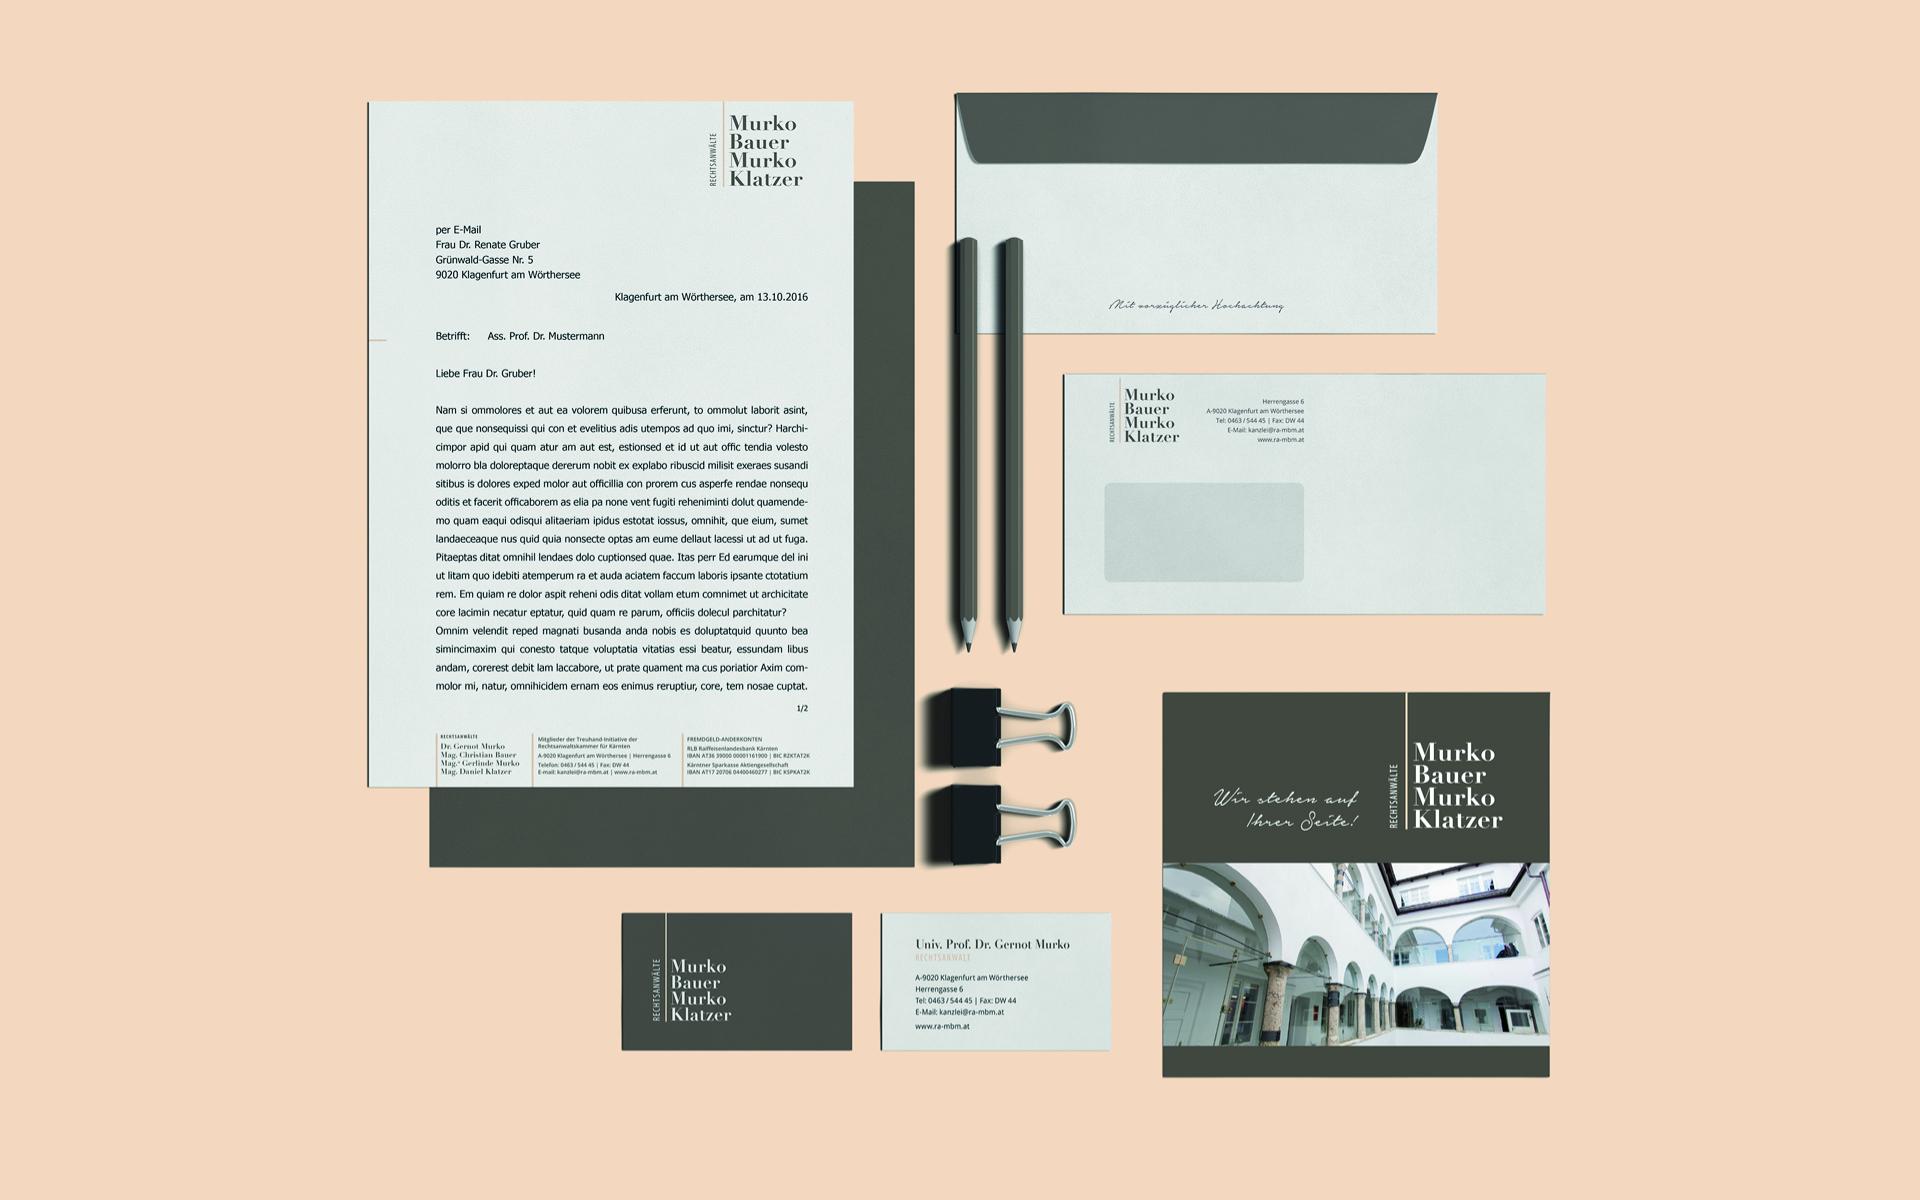 Drucksorten im Rahmen des Redesign für Rechtsanwaltskanzlei Murko Bauer Murko Klatzer von look! design